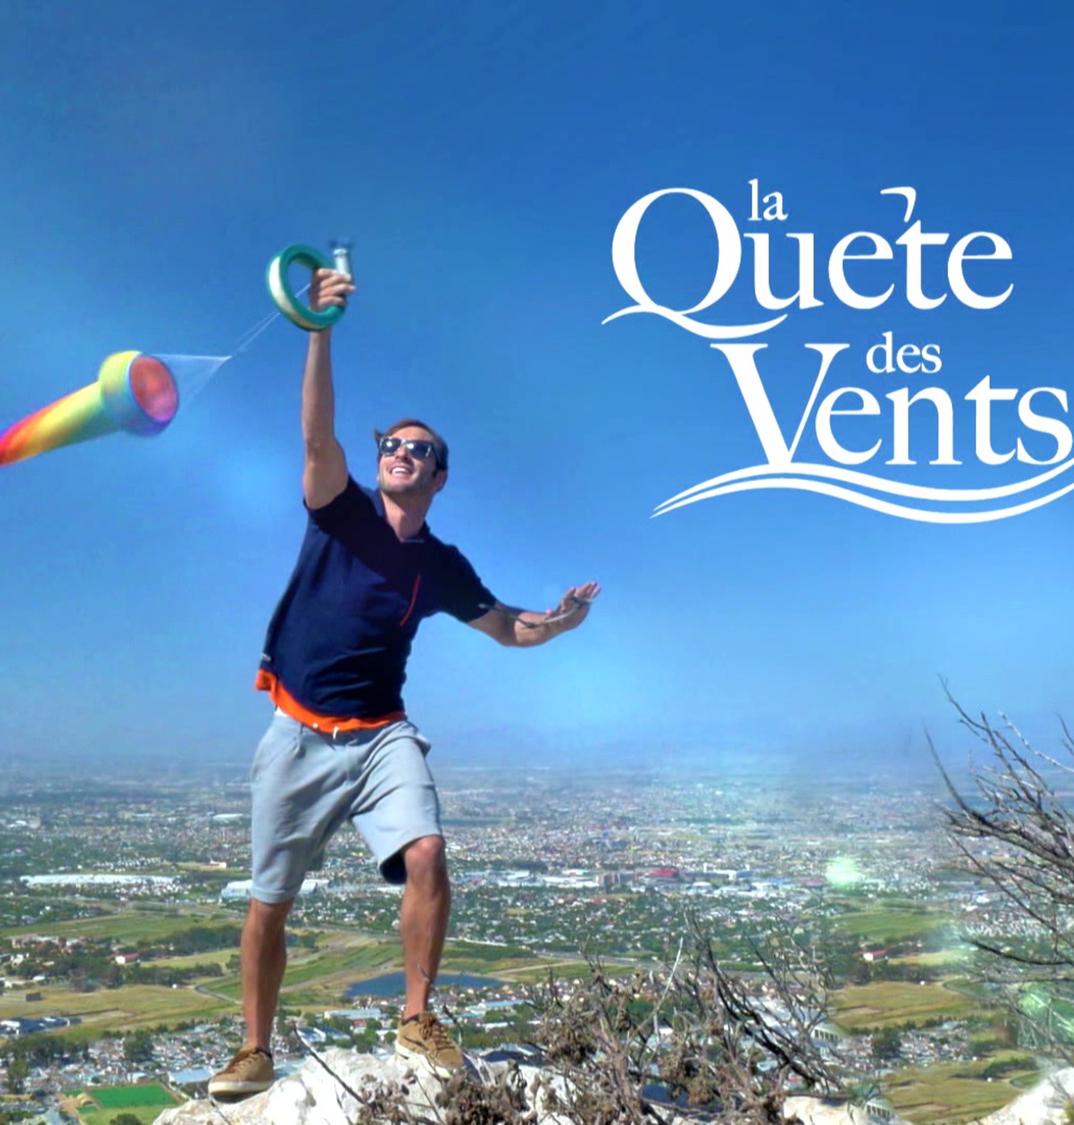 Ветер в голове - La quete des Vents